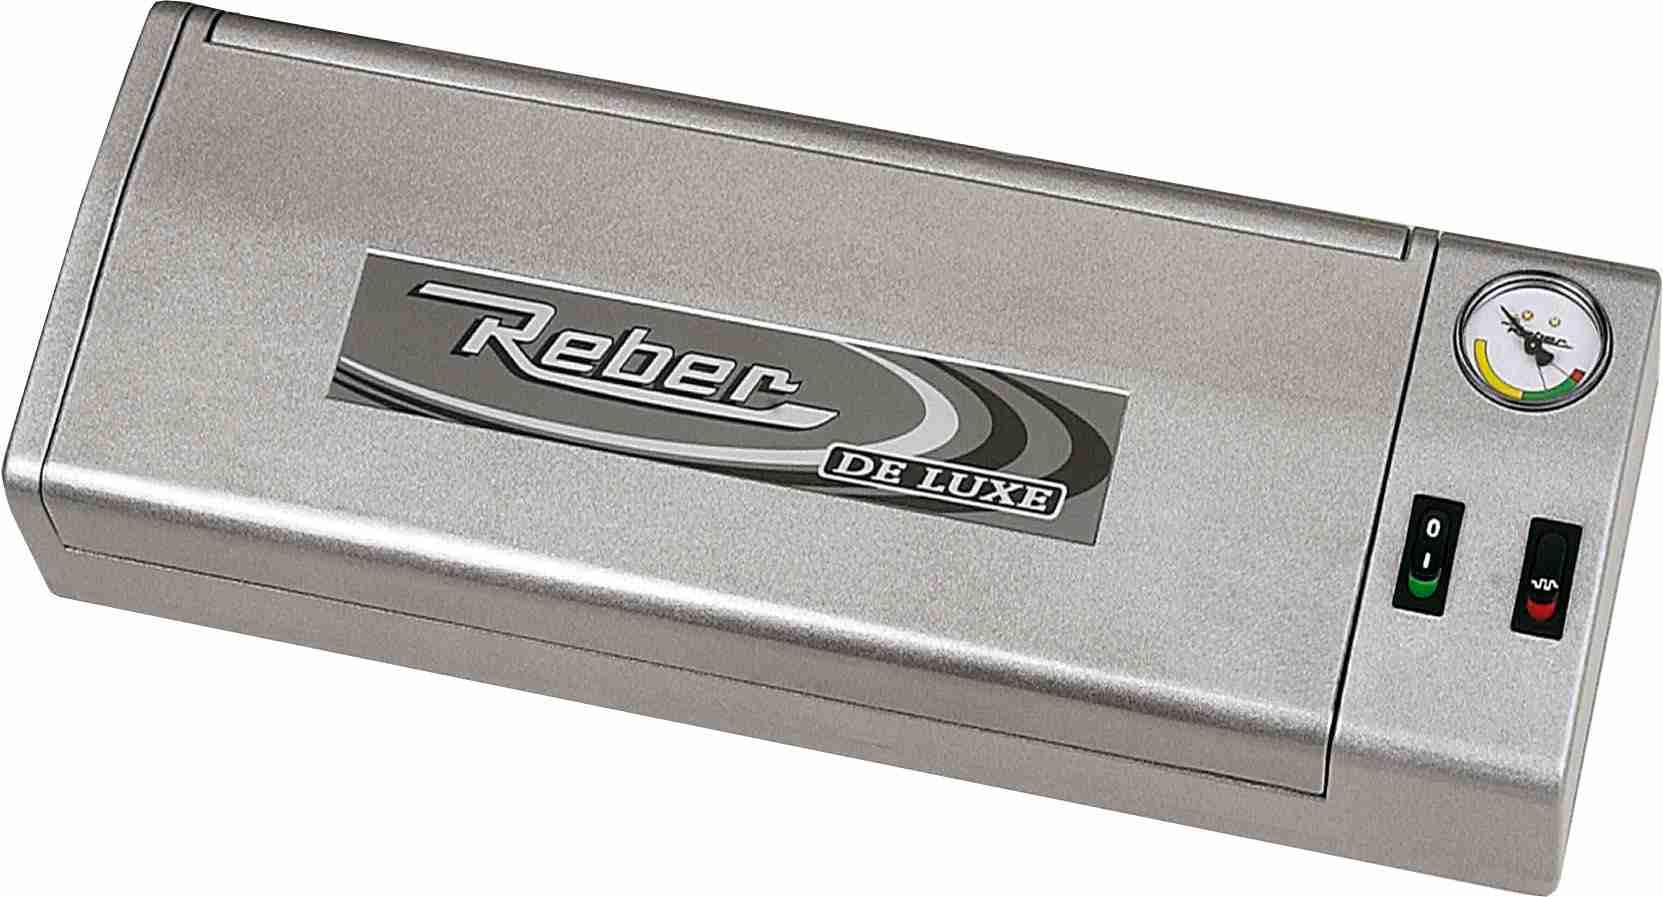 REBER FAMILY DE LUXE macchina sottovuoto grigia 9701N